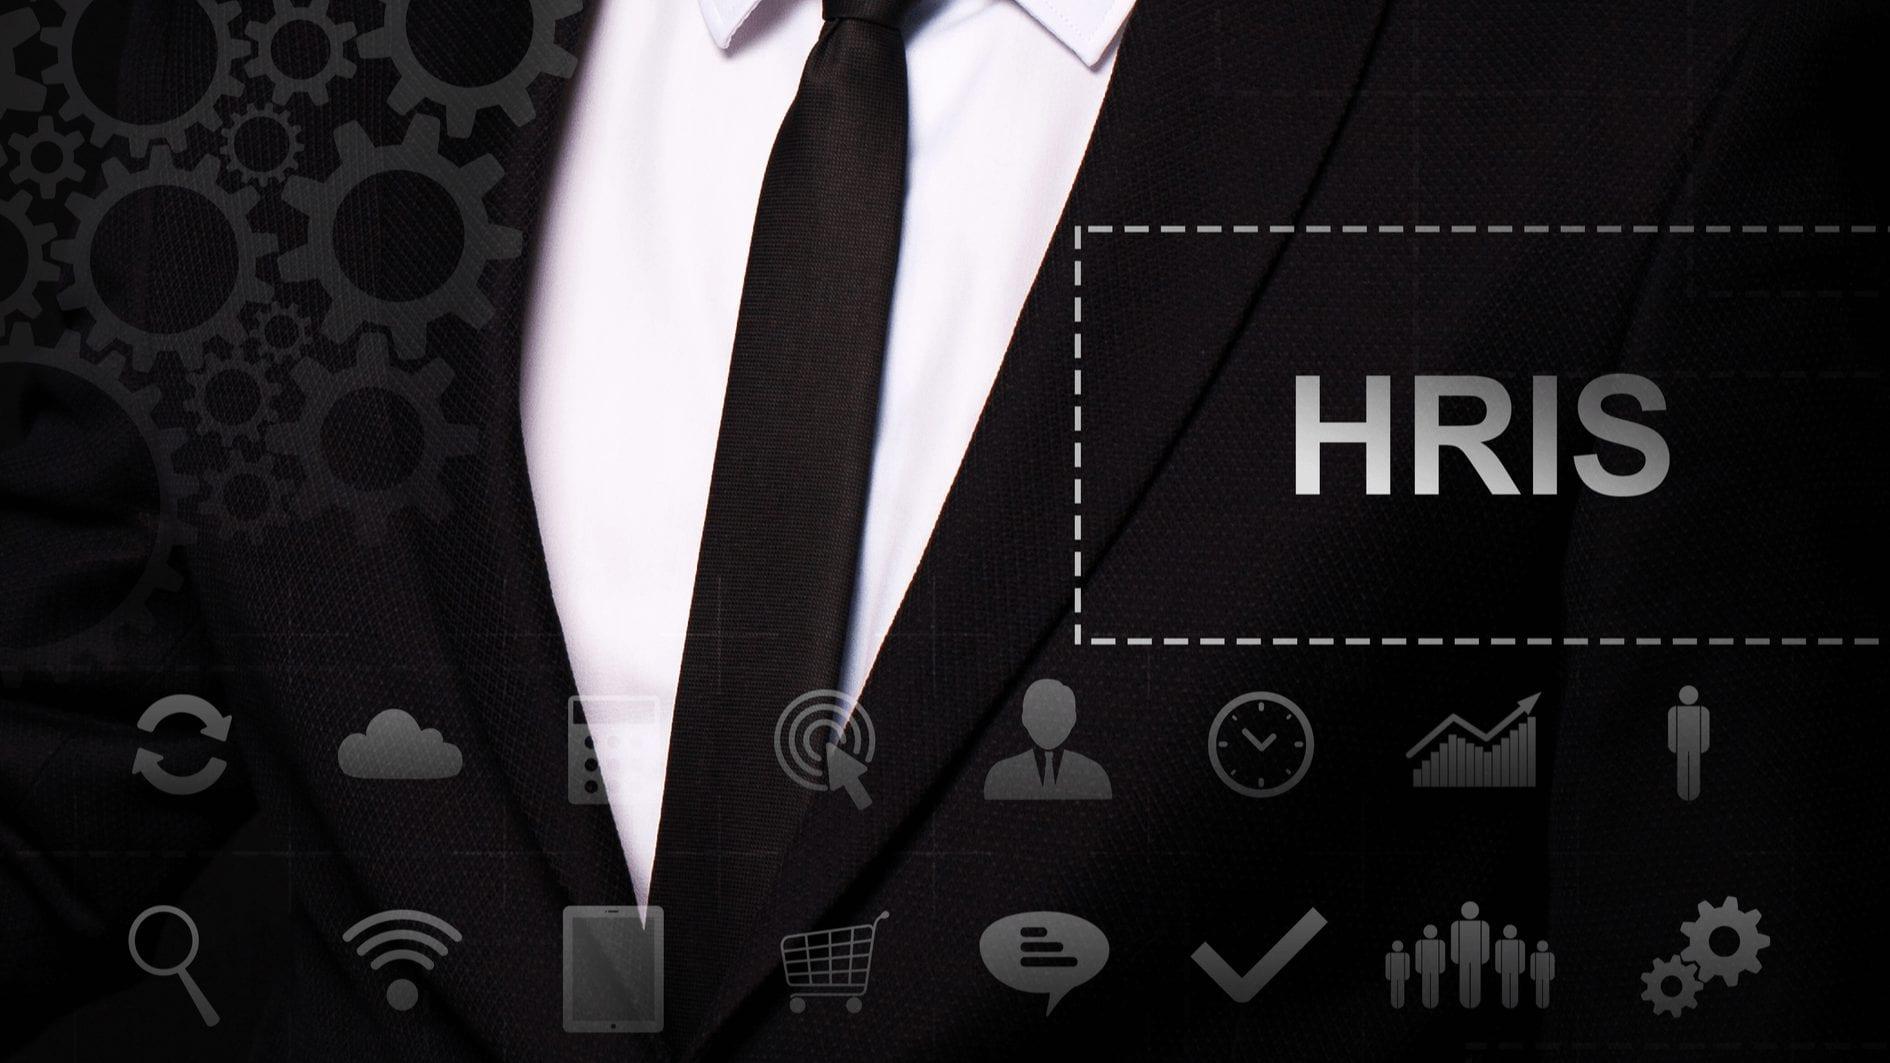 Bagaimana Cara Mendesain HR di Masa Depan?